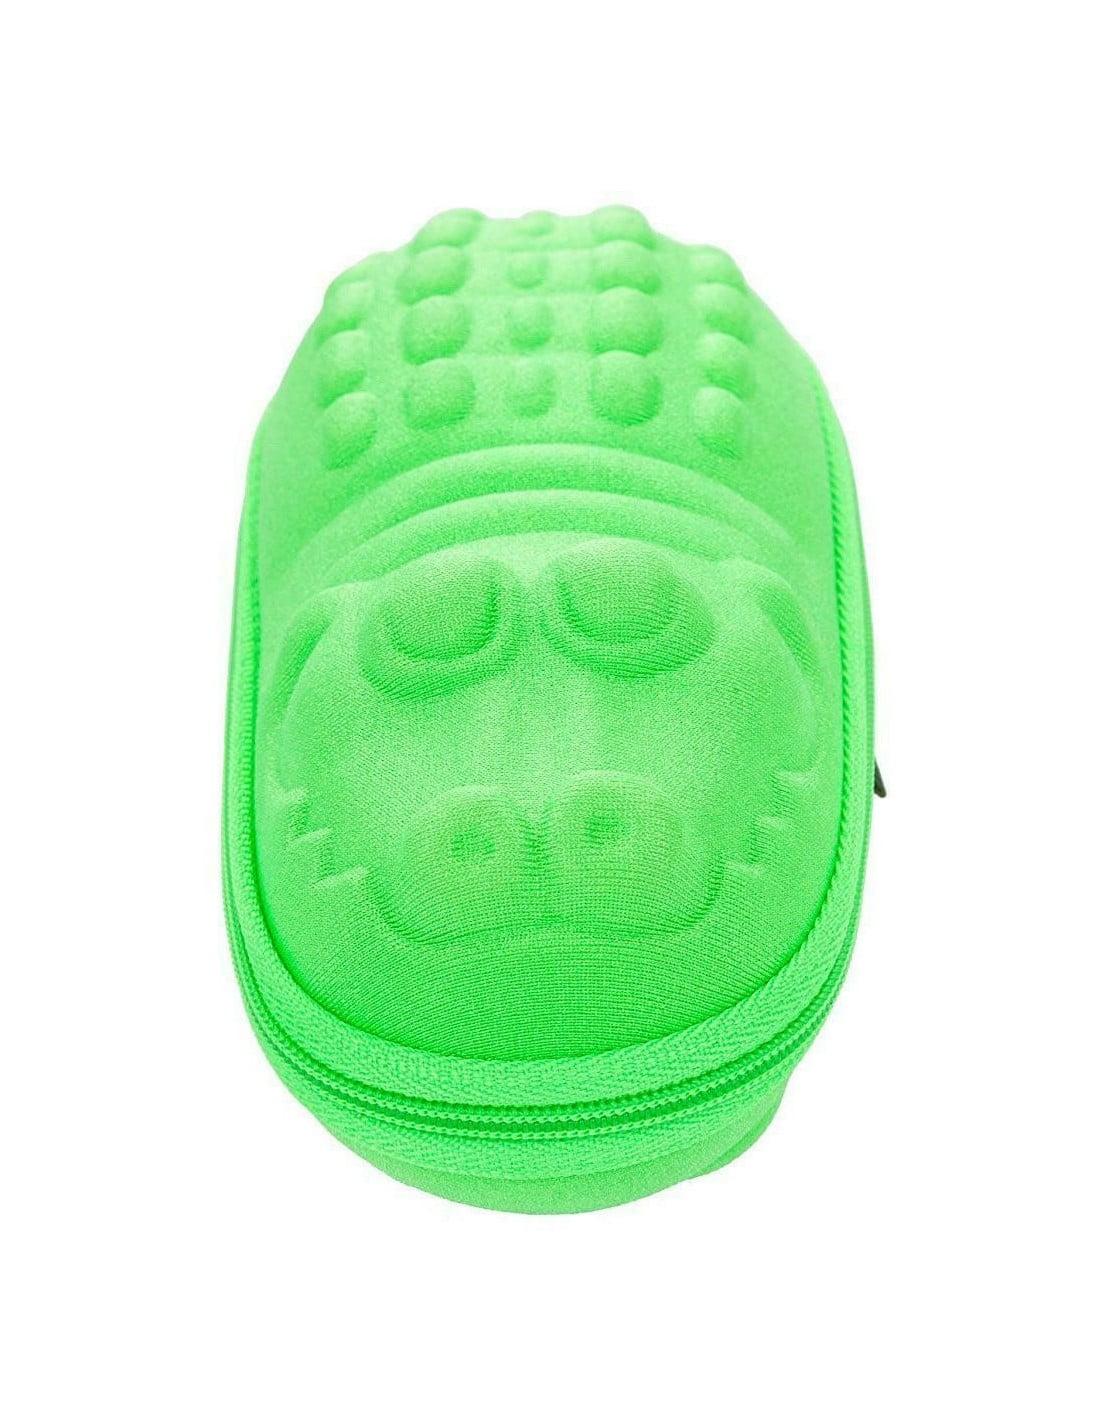 Carcasă ochelari Bubzee Green Chroco Baby Banz 3